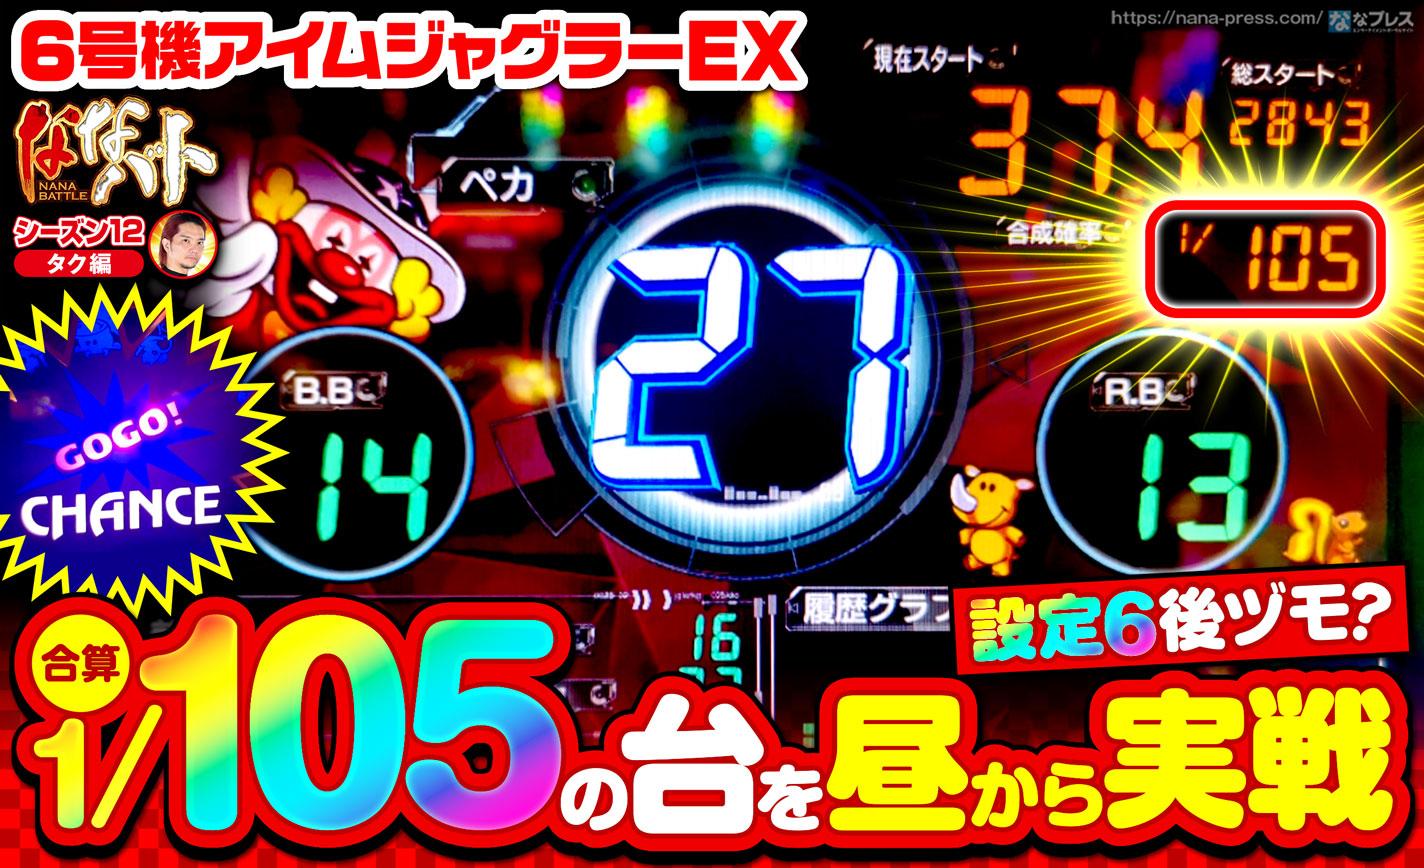 【6号機アイムジャグラーEX】設定6挙動の台を後ヅモ狙いで昼から打った結果 eyecatch-image